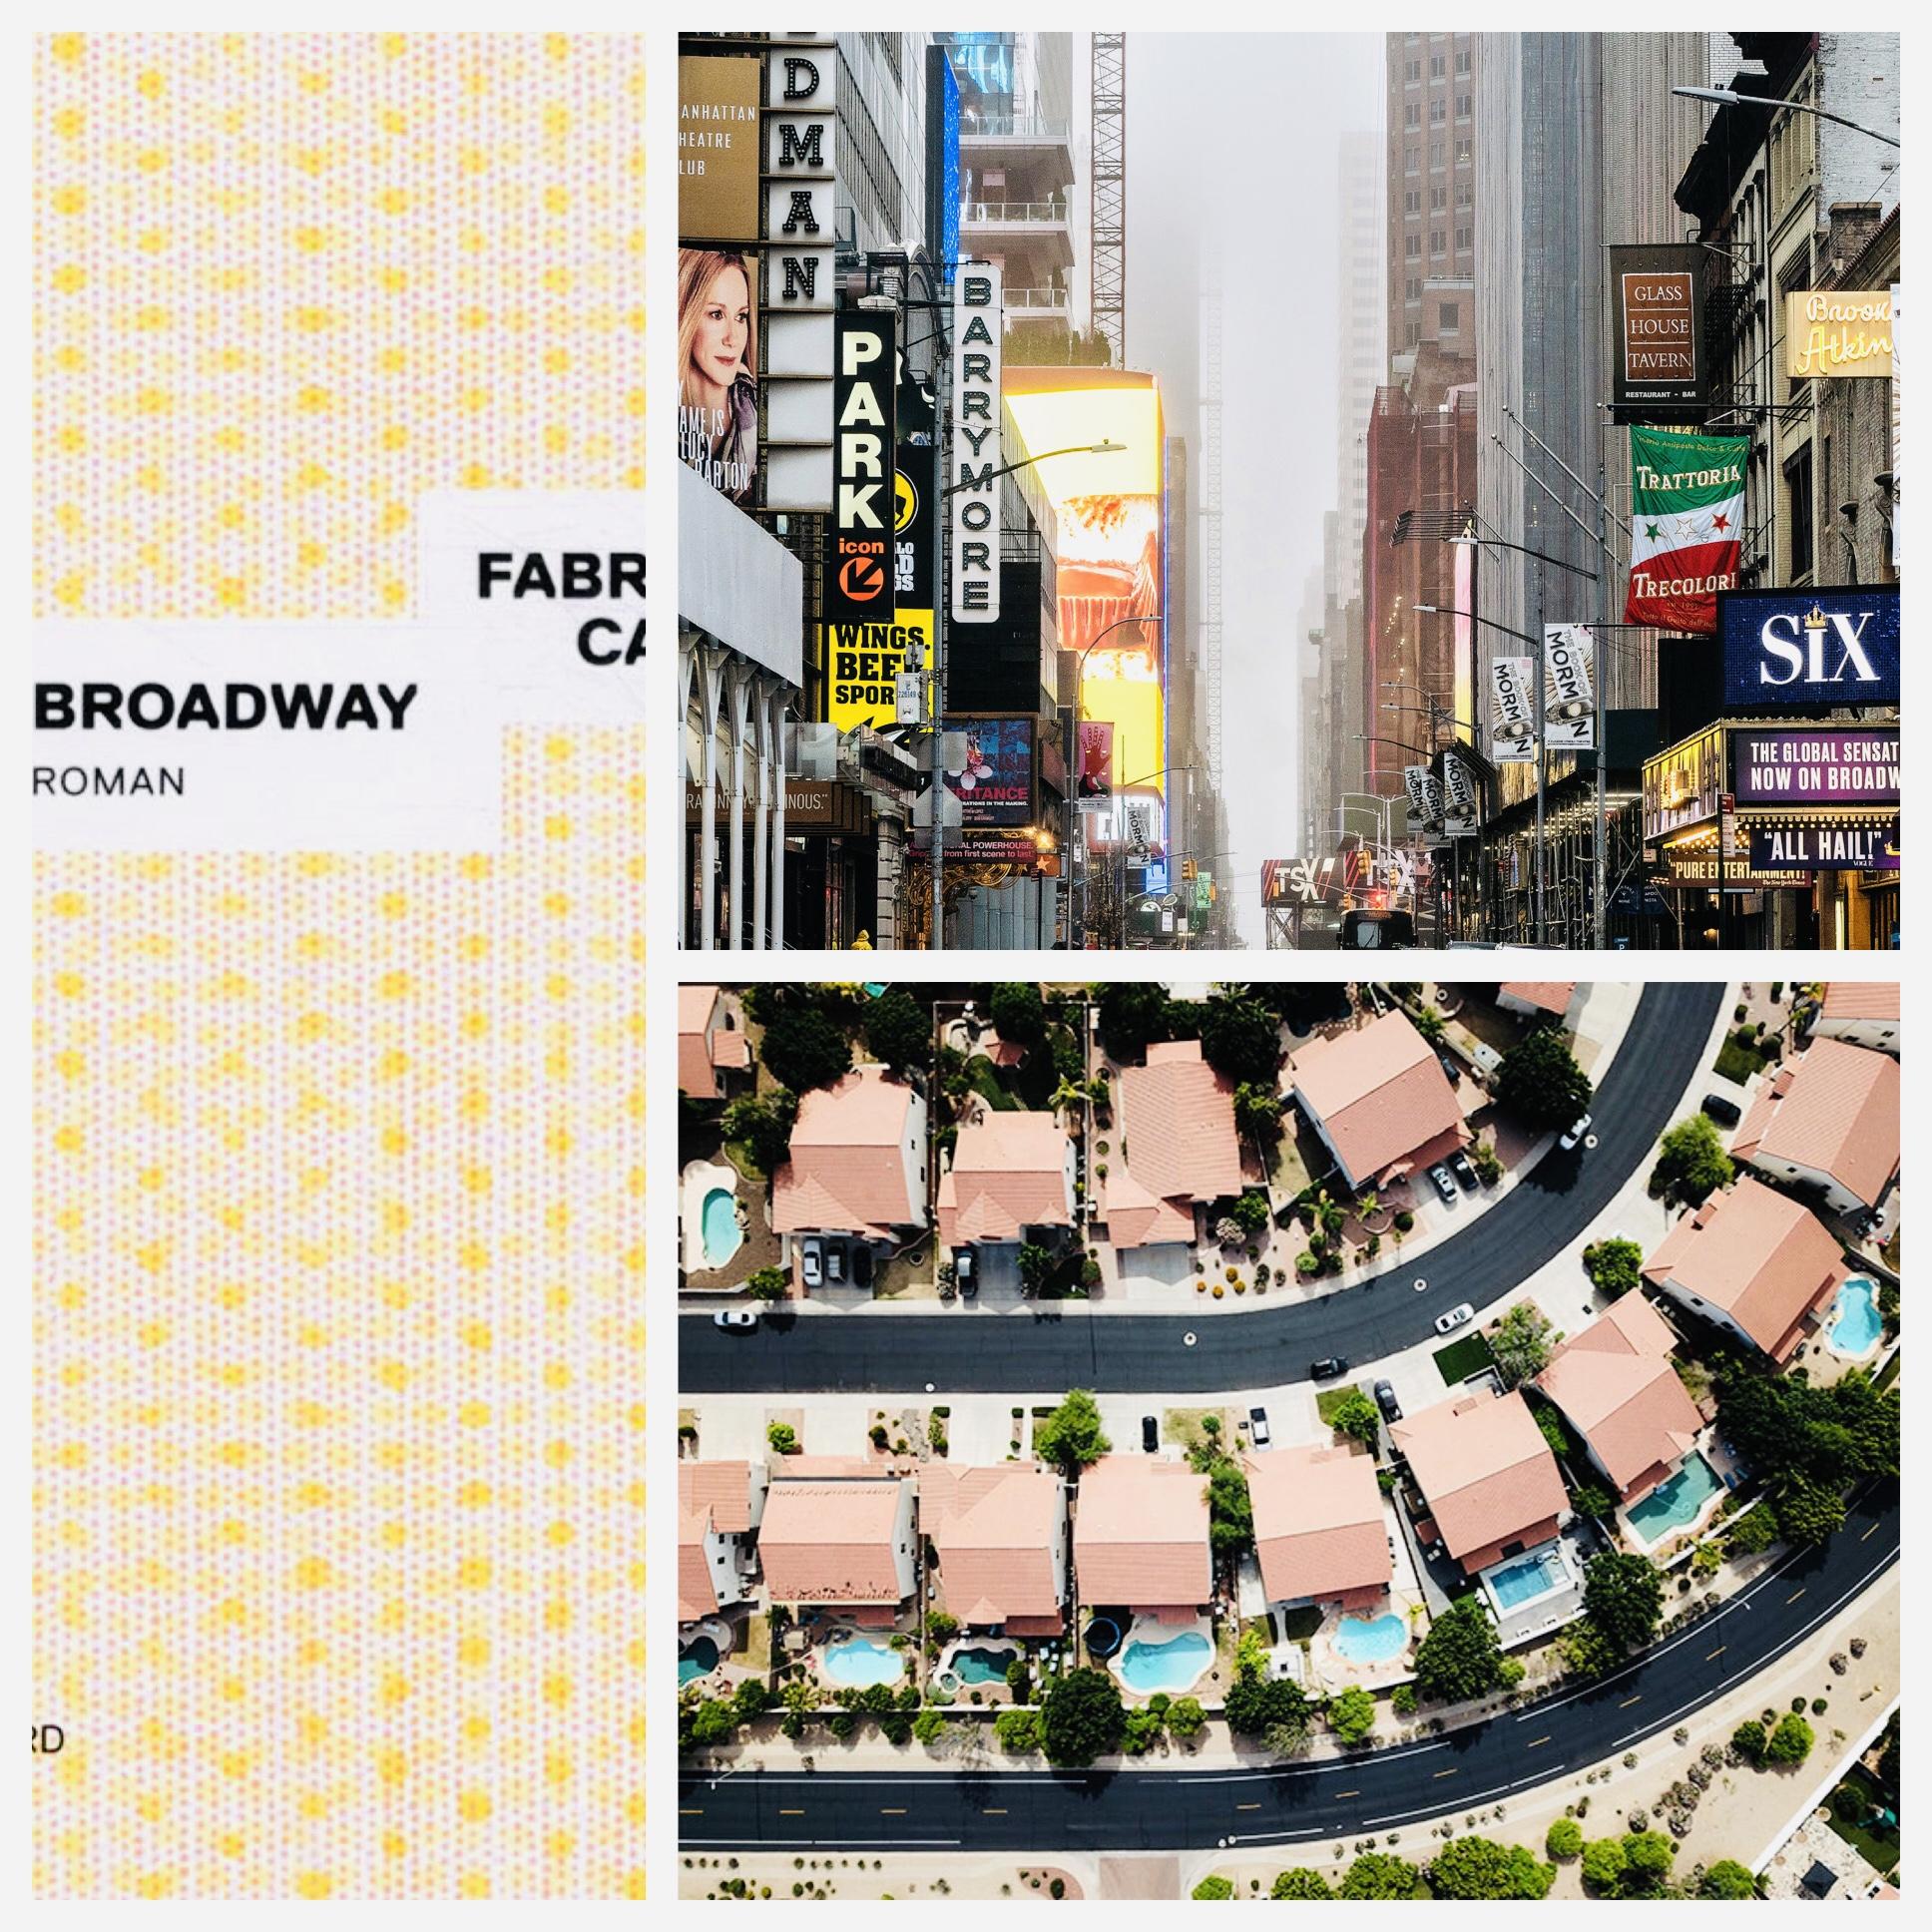 Broadway_chronique_litteraire